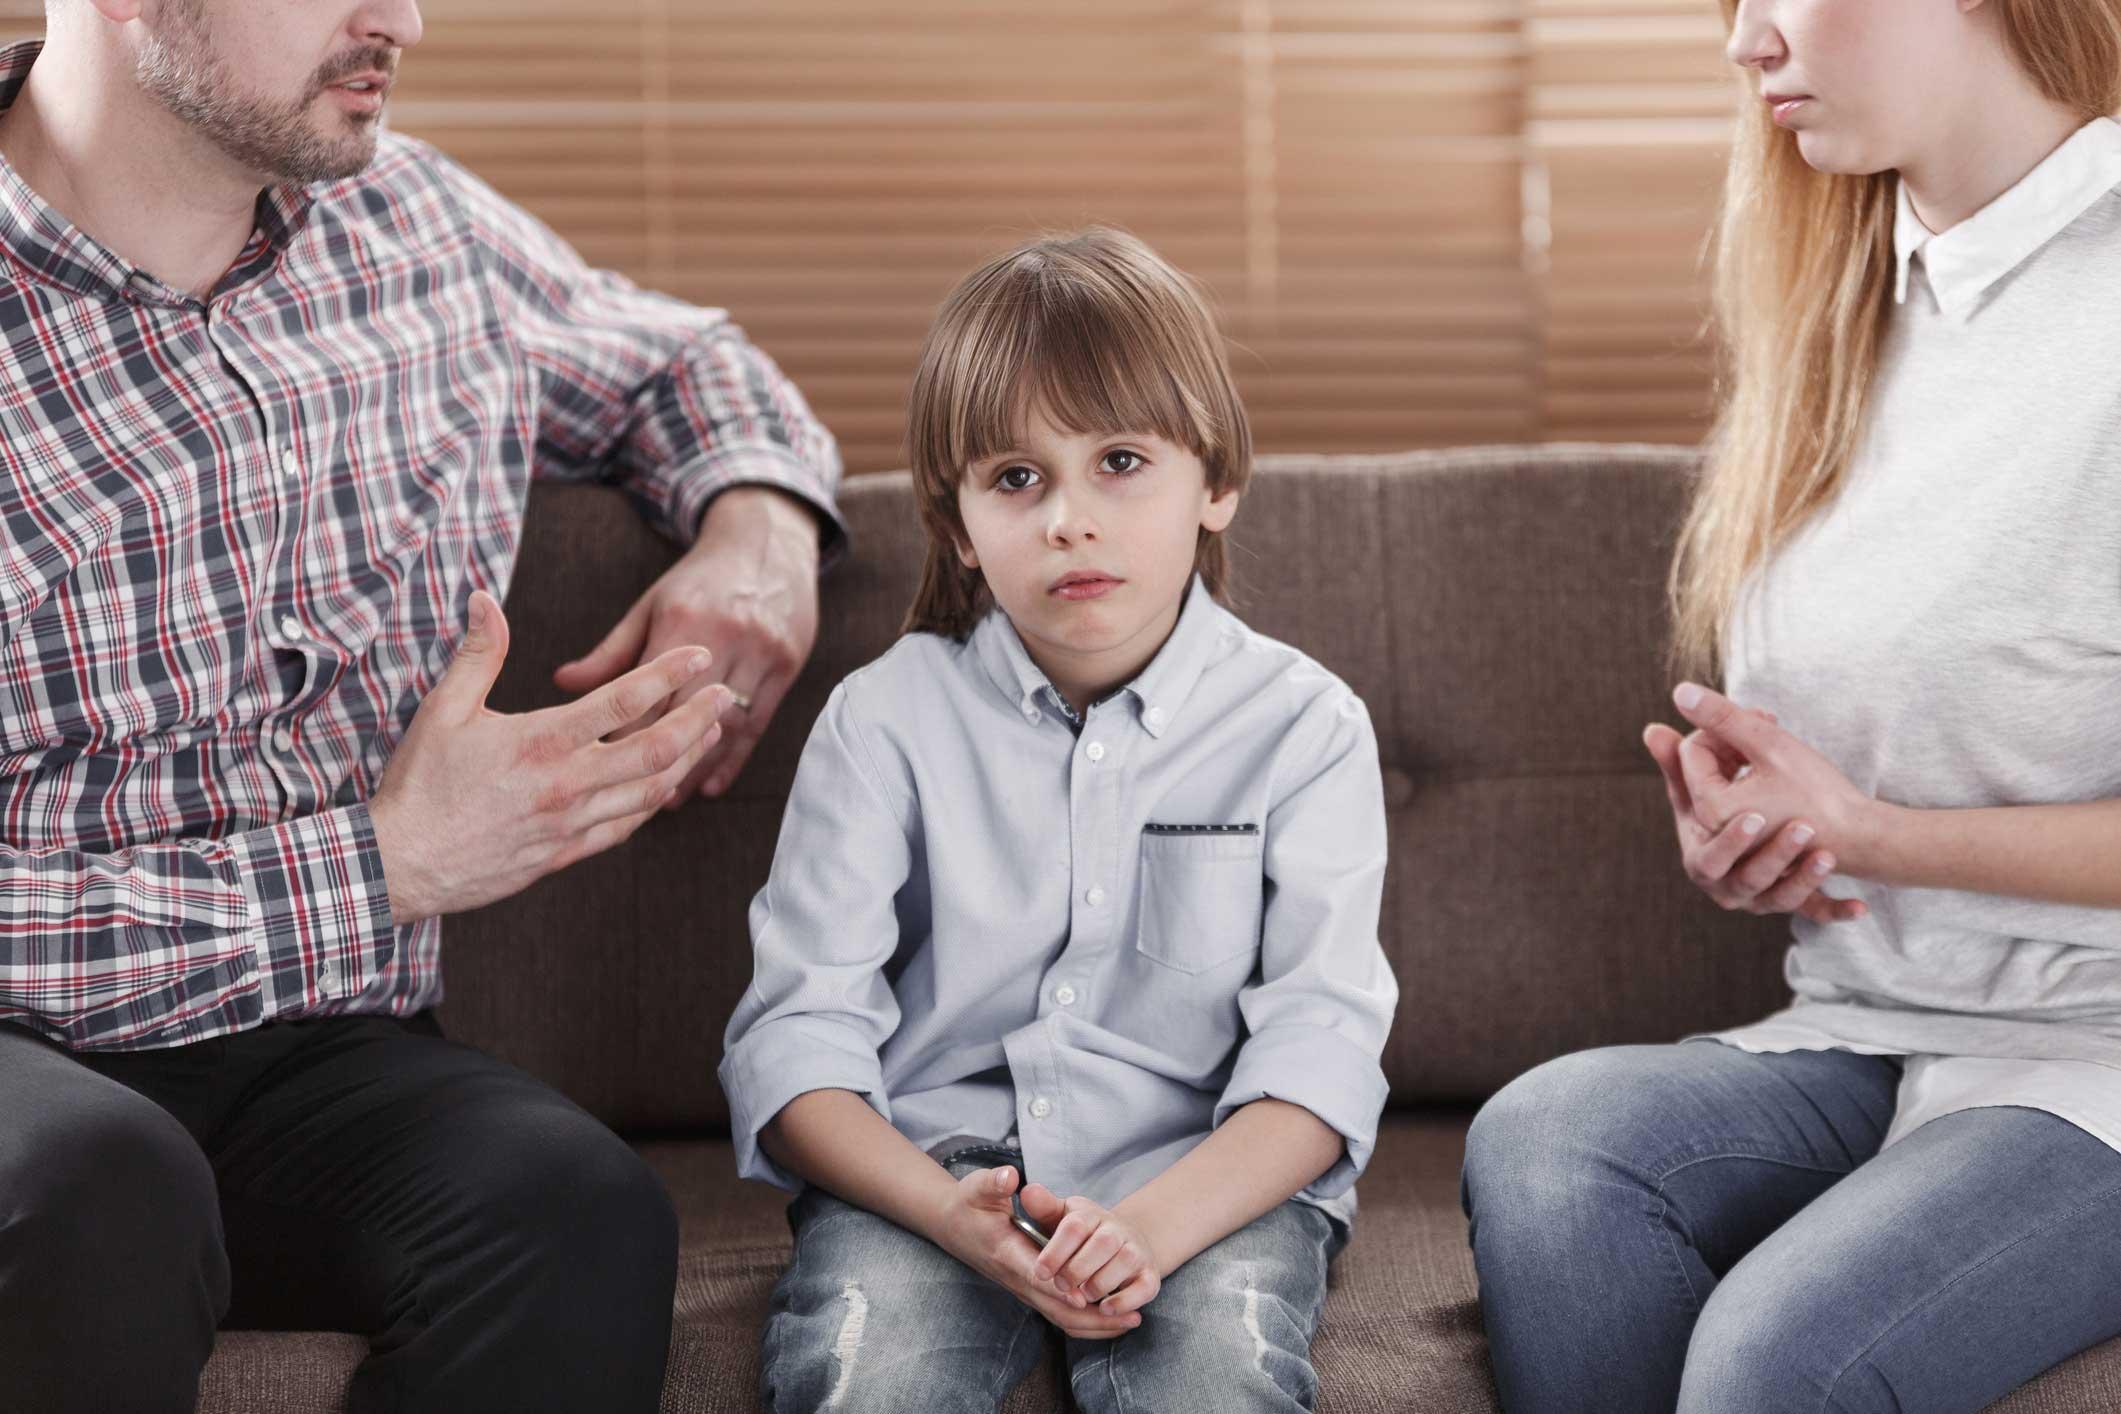 С кем должен оставаться ребенок при разводе?